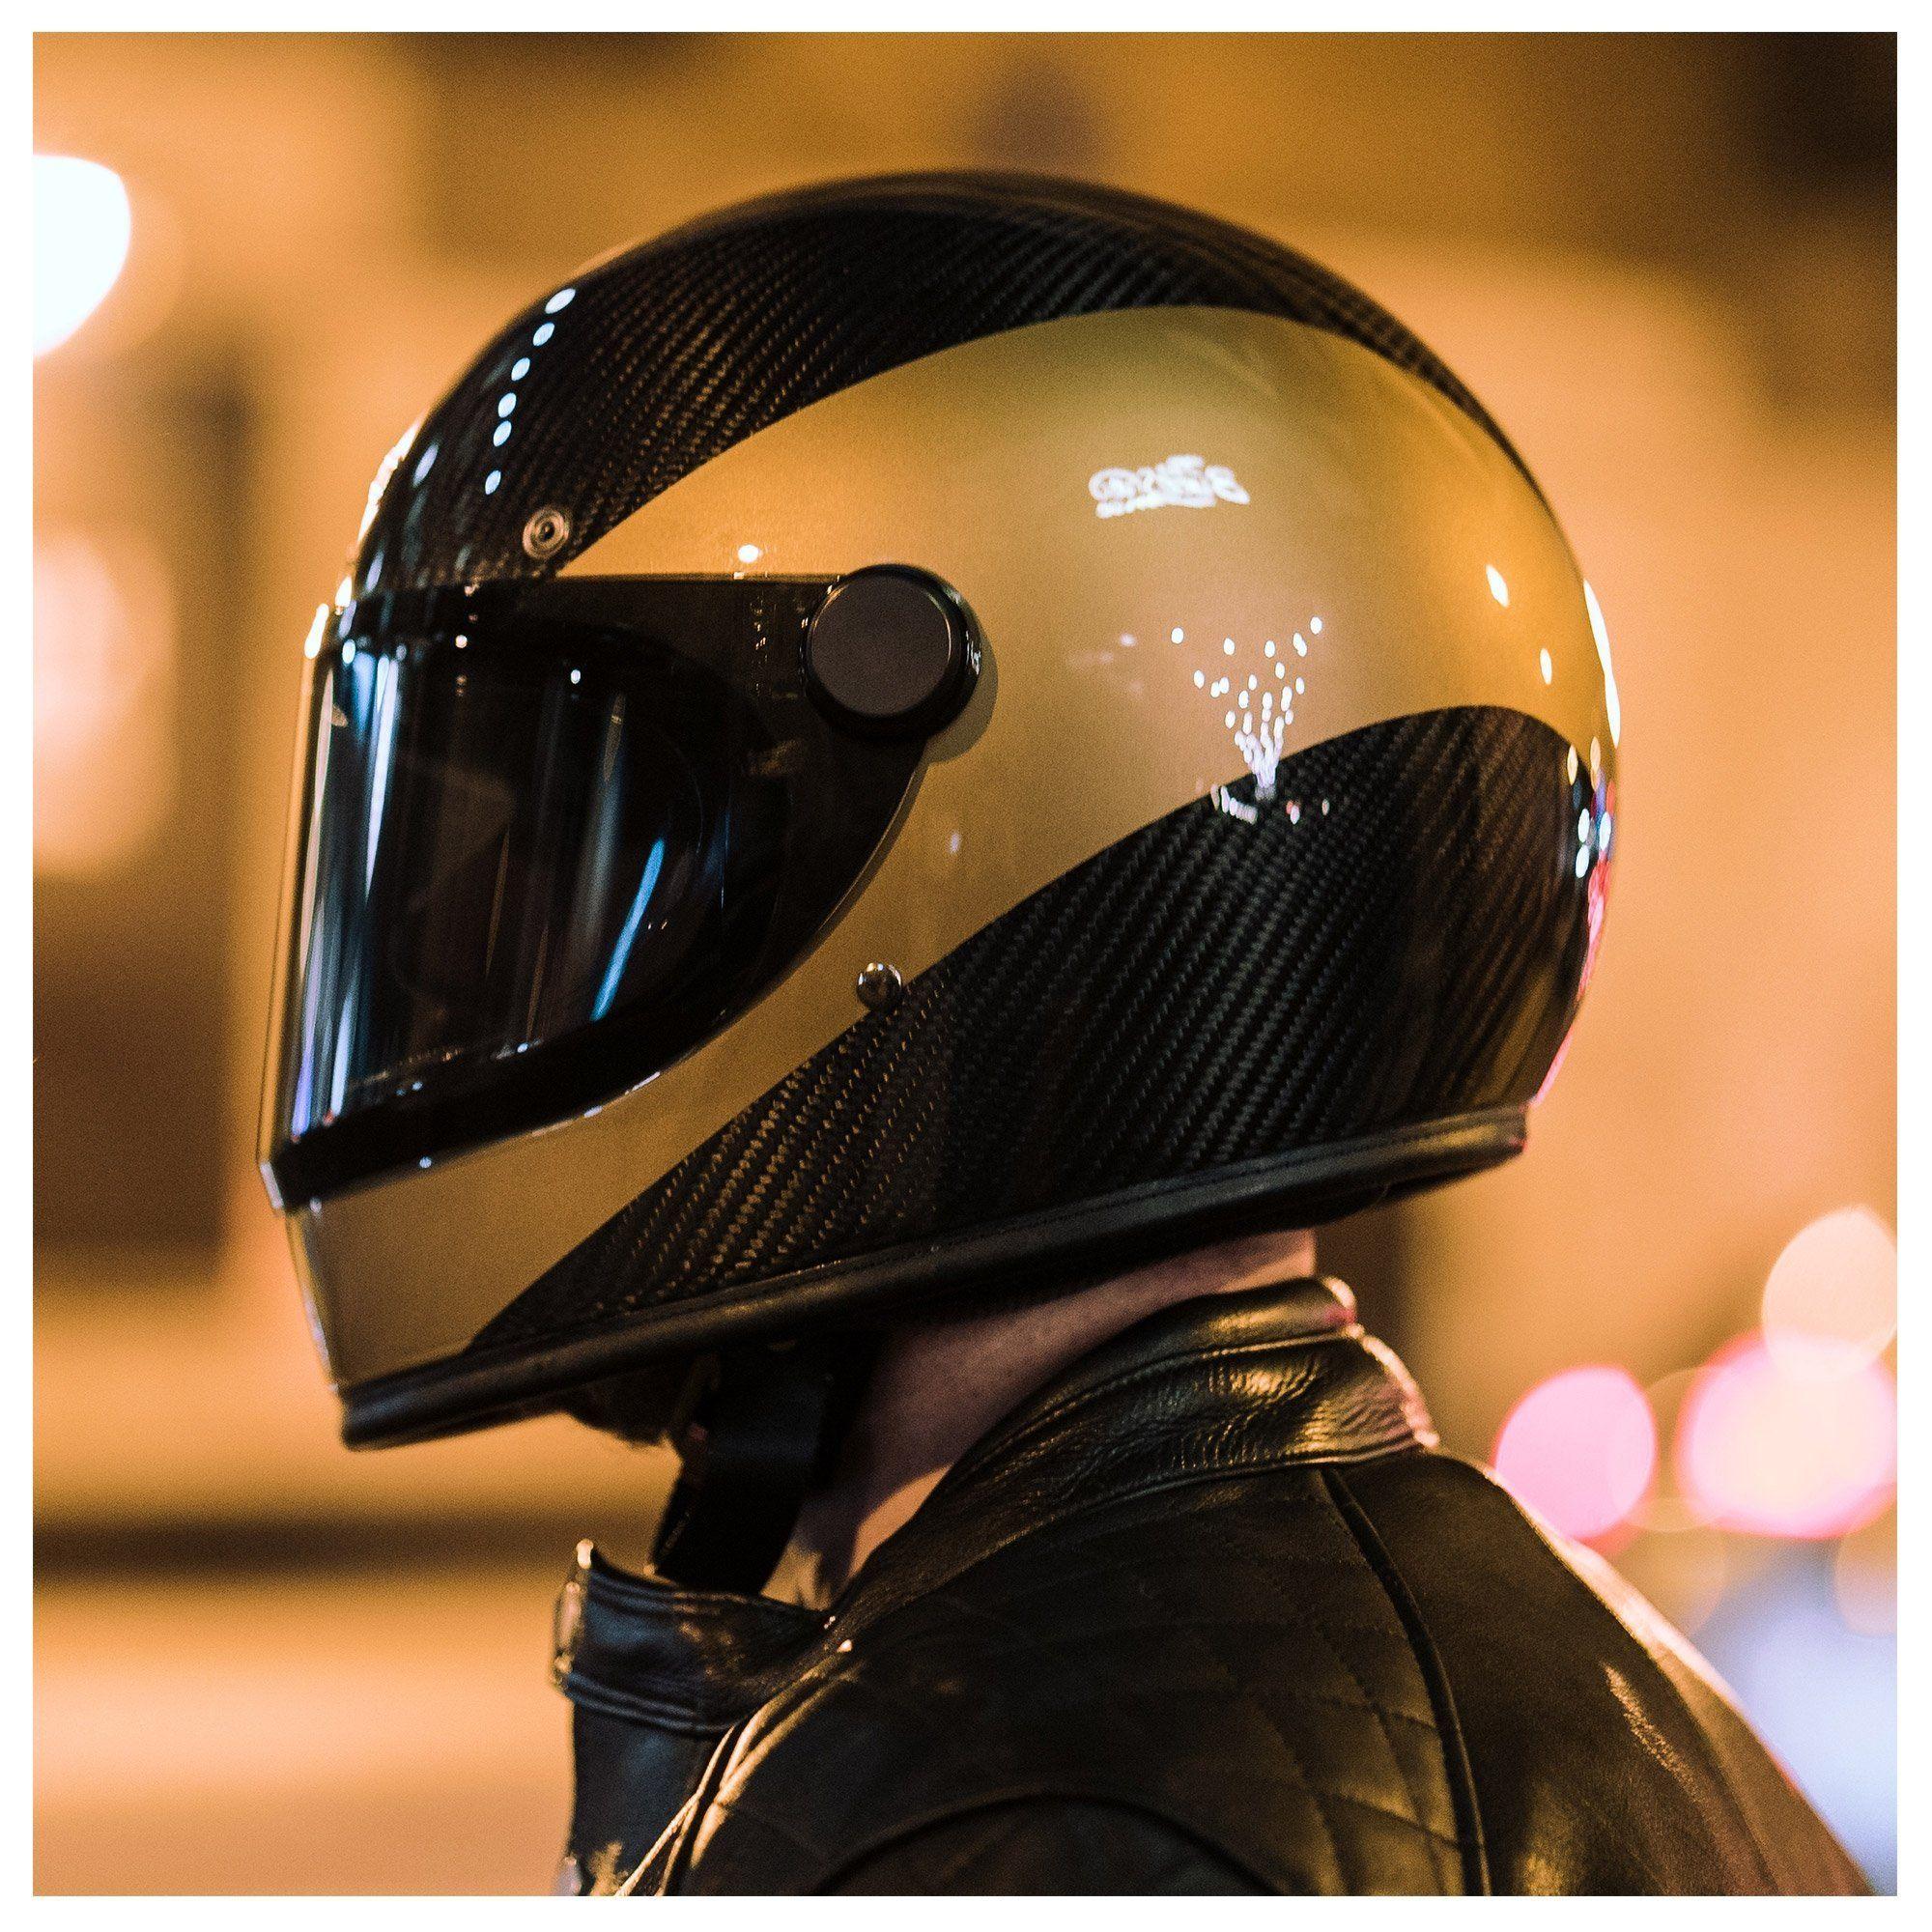 BSMC x Hedon Heroine Club Racer Carbon helmet